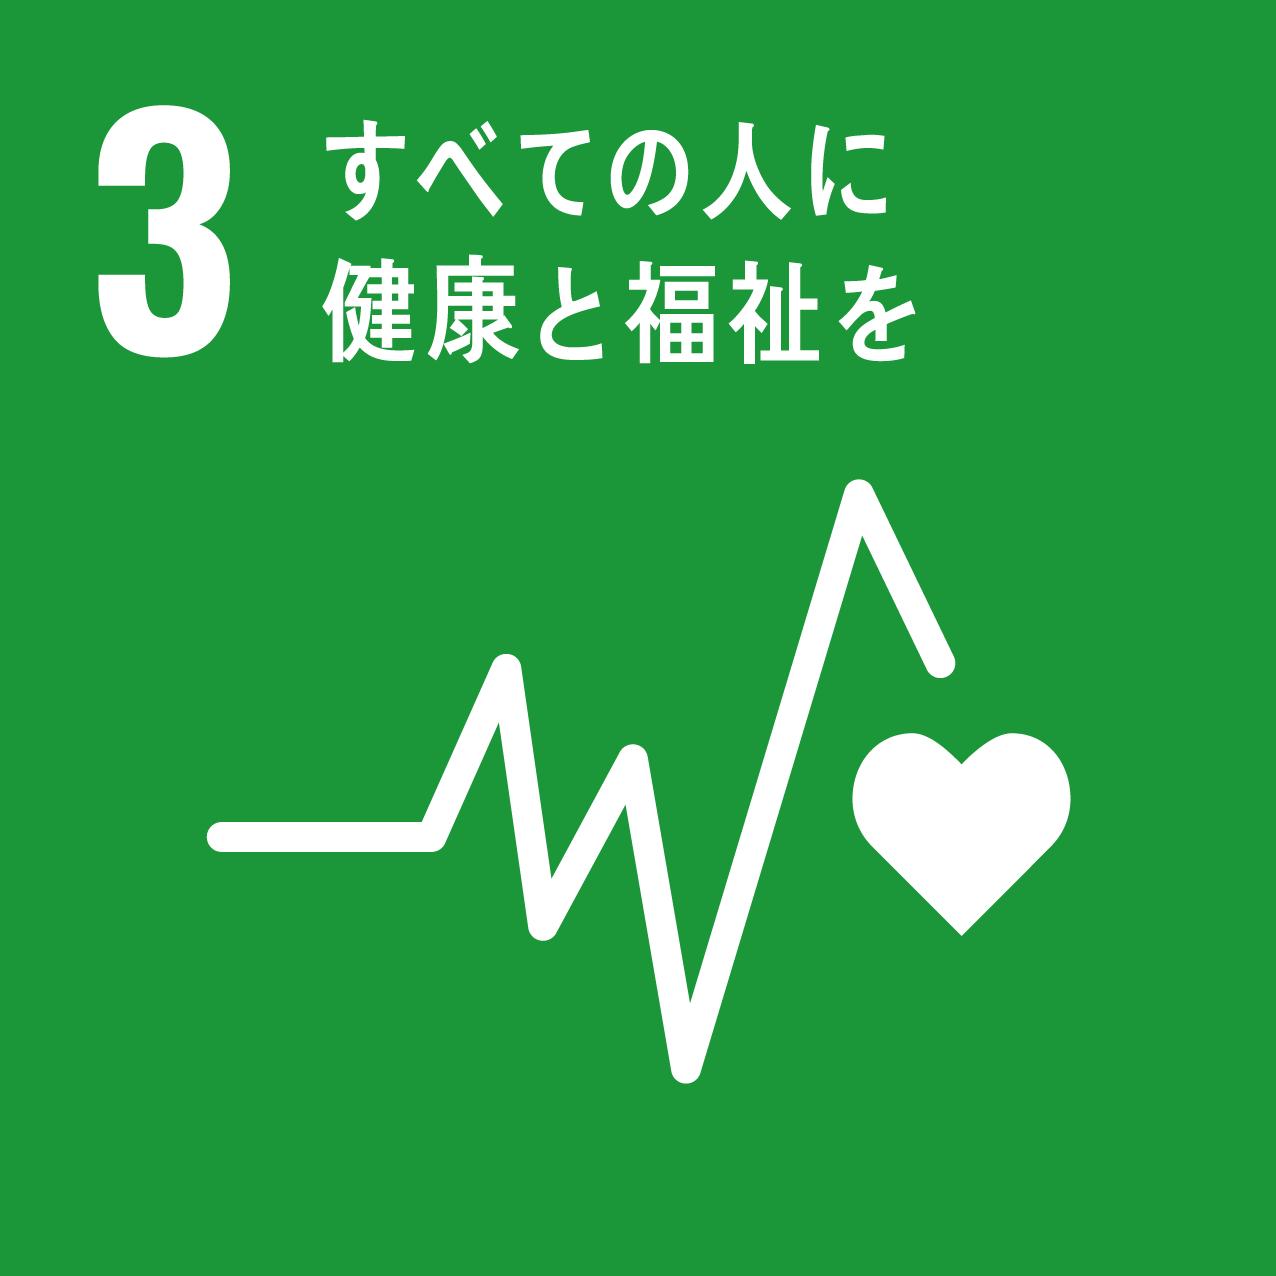 3 「すべての人に健康と福祉を」のロゴ画像